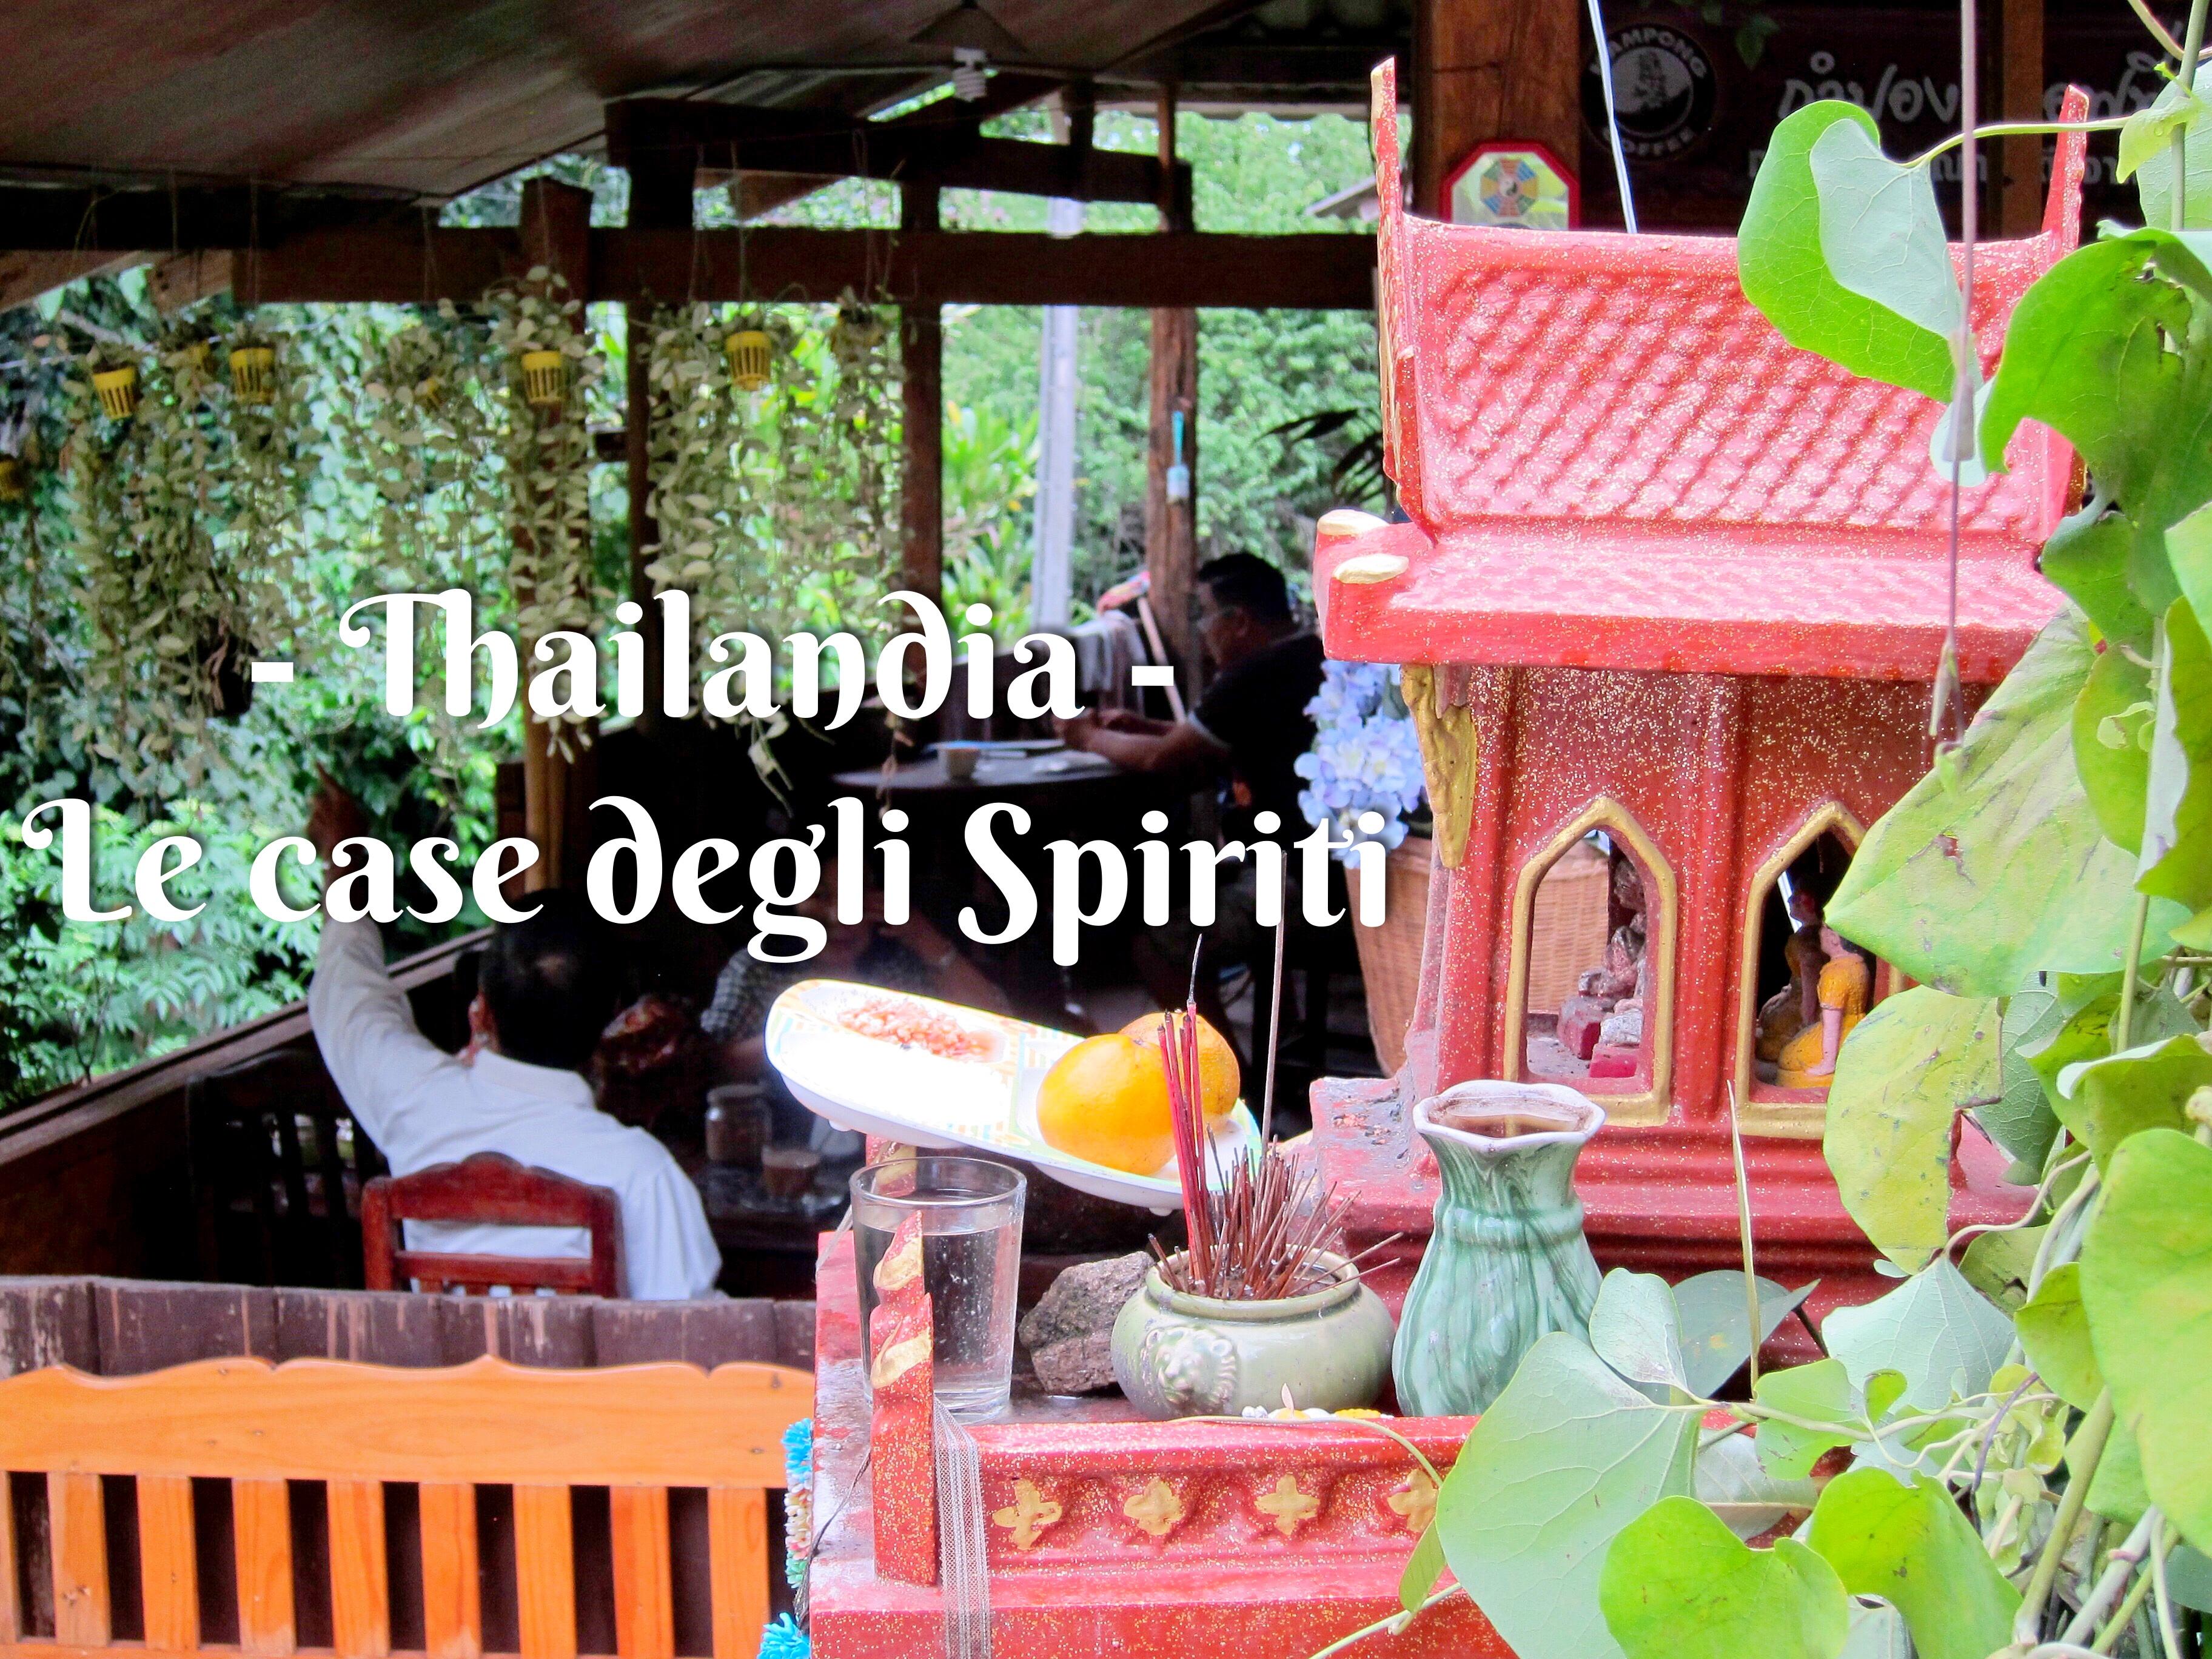 Le case degli Spiriti in Thailandia